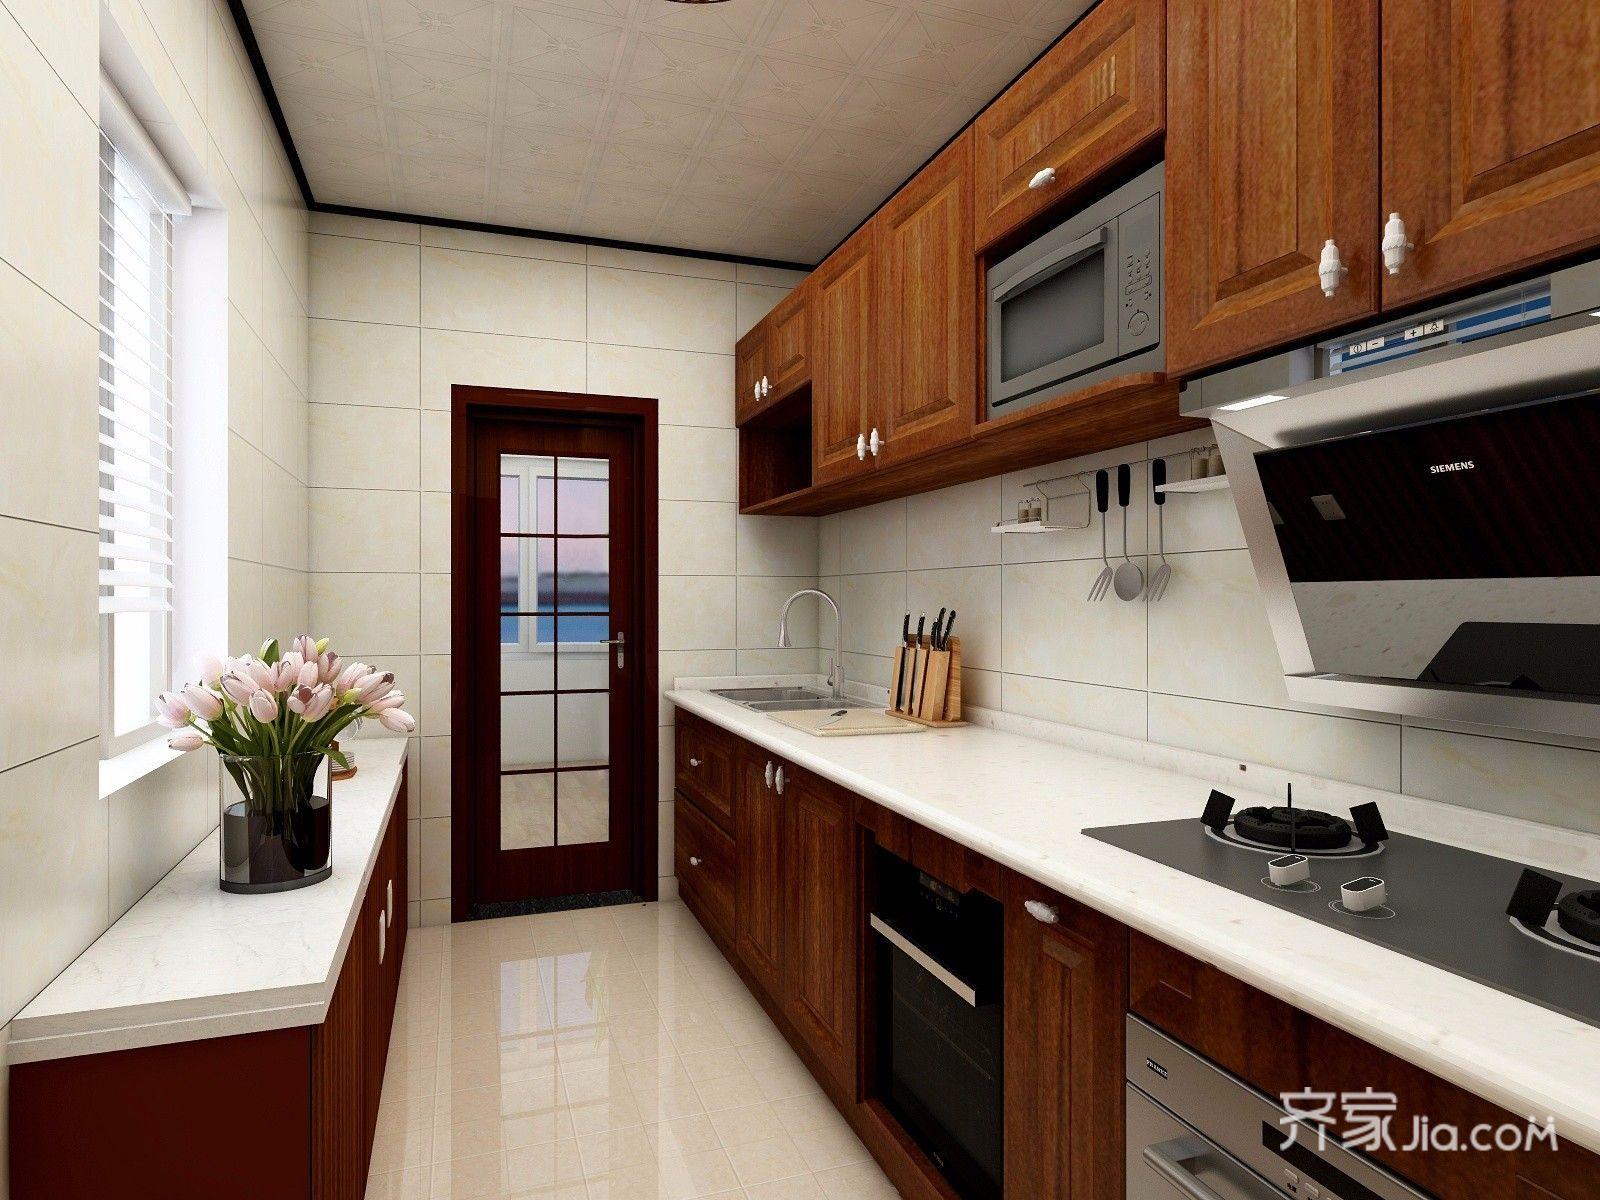 106㎡现代简约三居厨房装修效果图